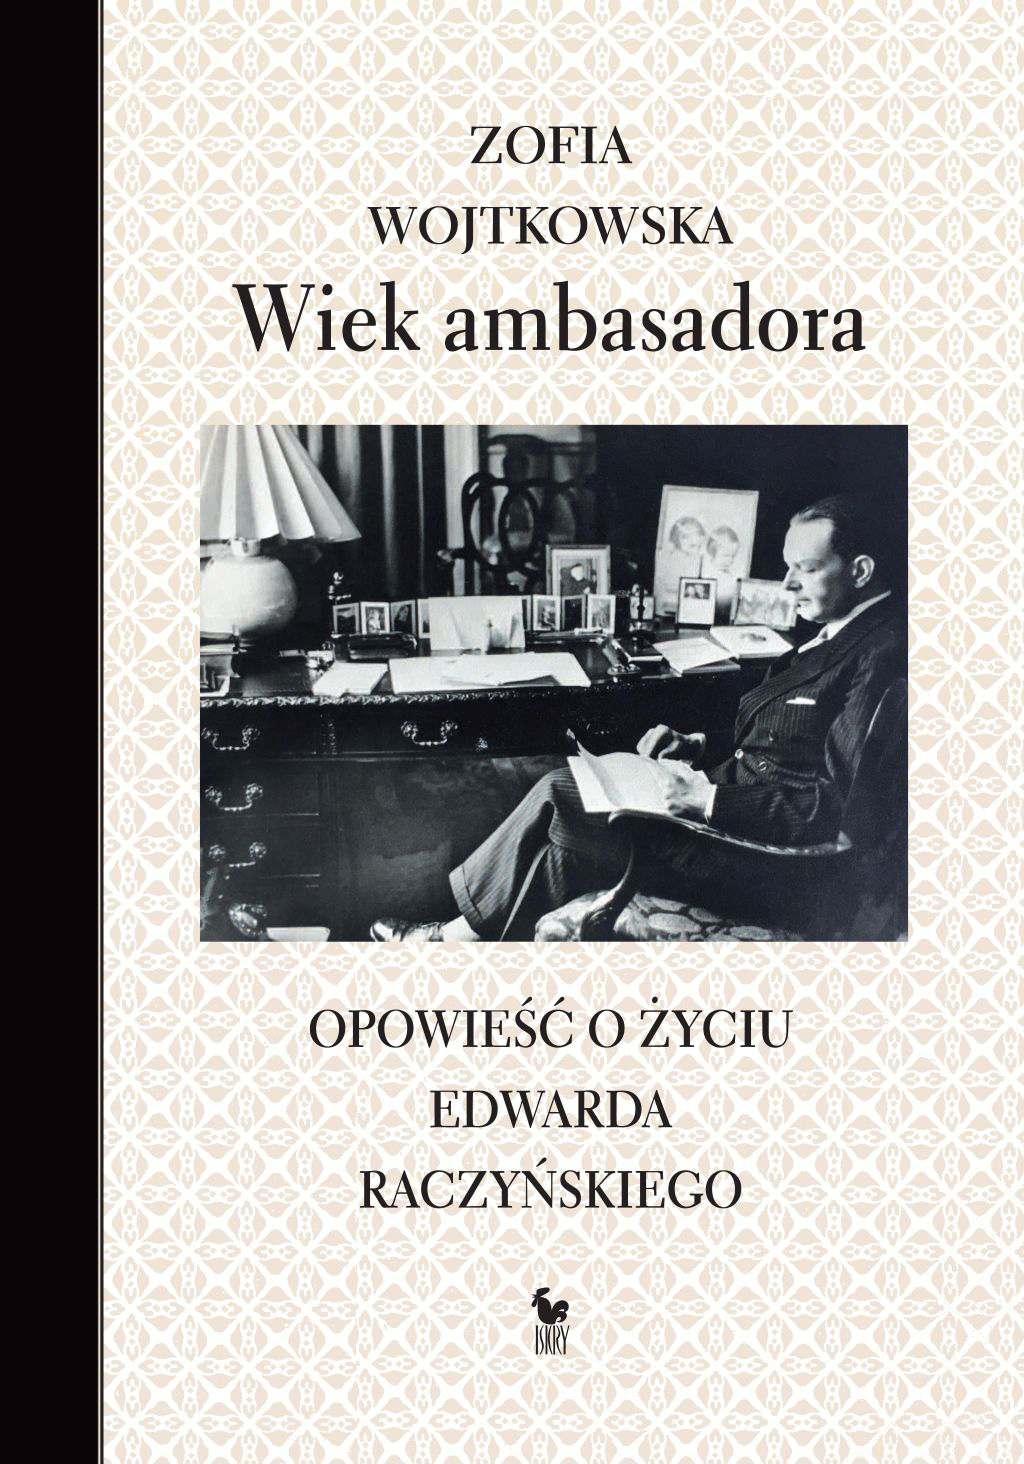 Wiek ambasadora. Opowieść o życiu Edwarda Raczyńskiego - Ebook (Książka EPUB) do pobrania w formacie EPUB